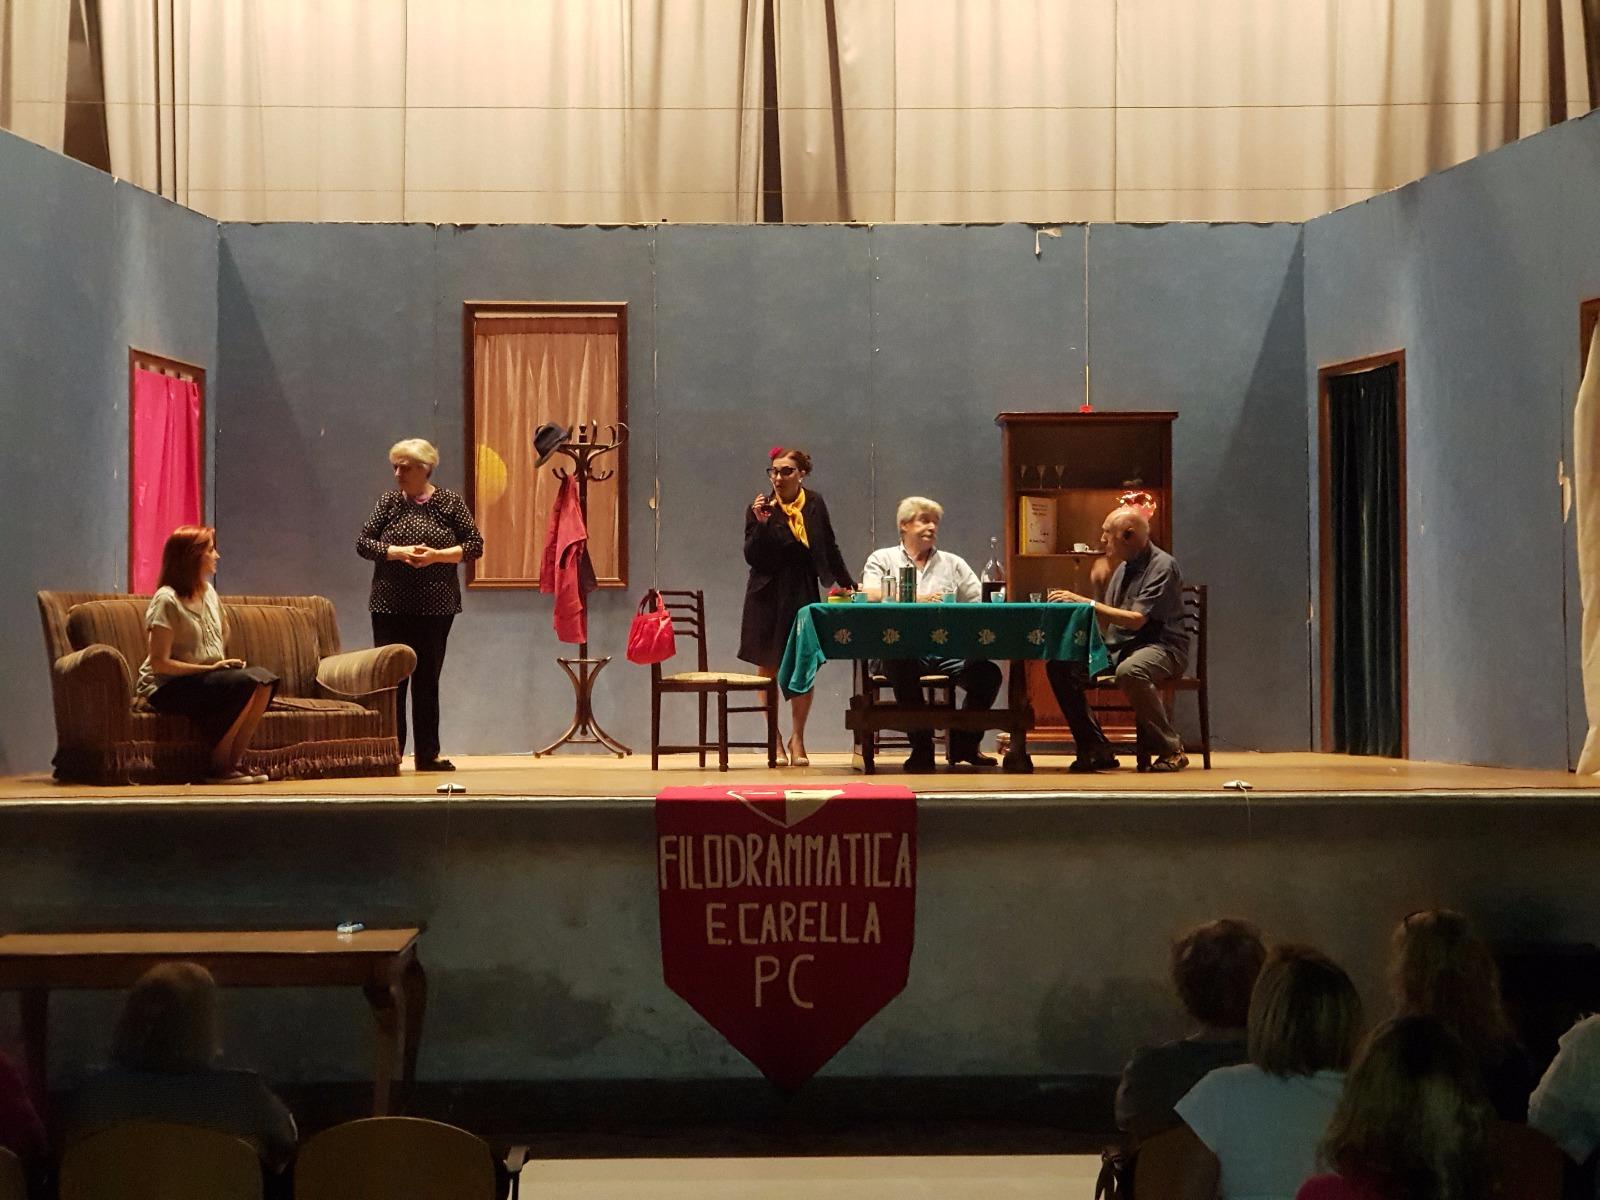 Commedia Carella, festa S Pietro (3)